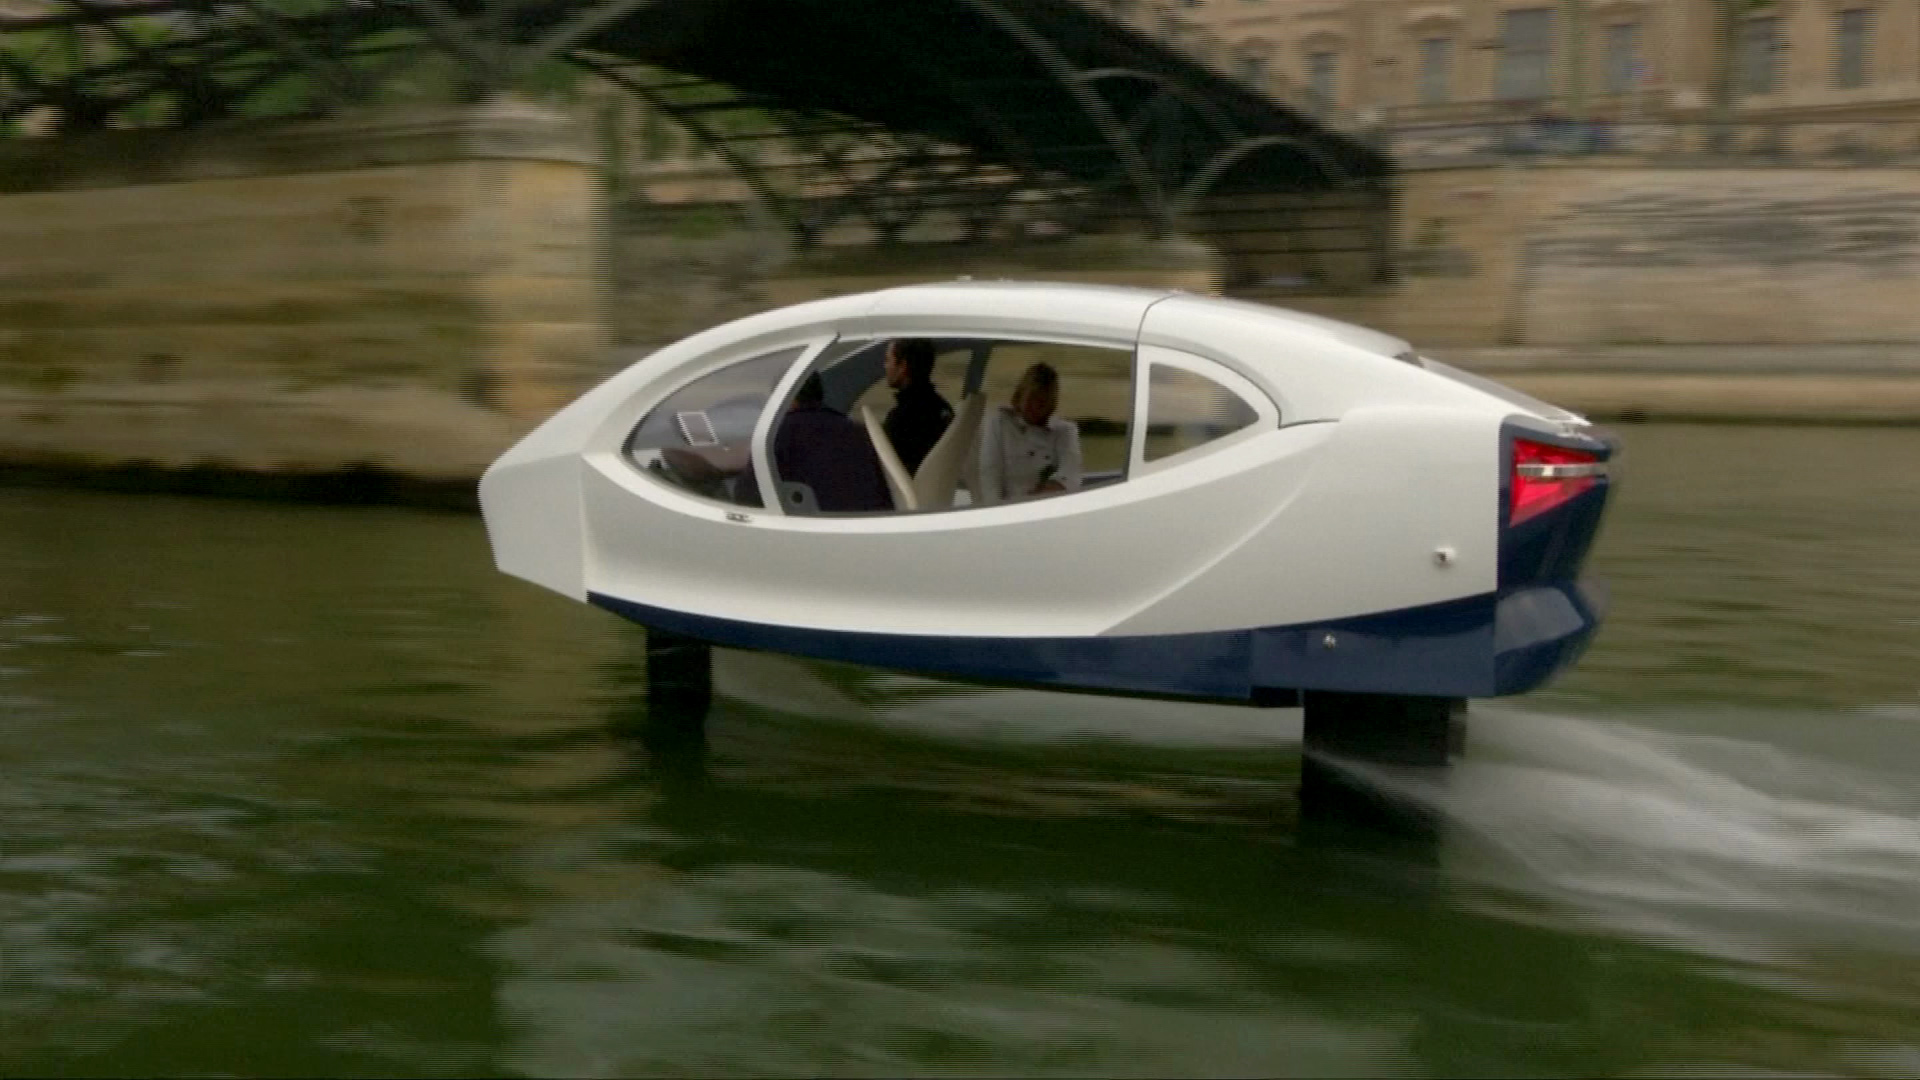 Taksi air ini sangat cocok untuk atasi kemacetan di darat